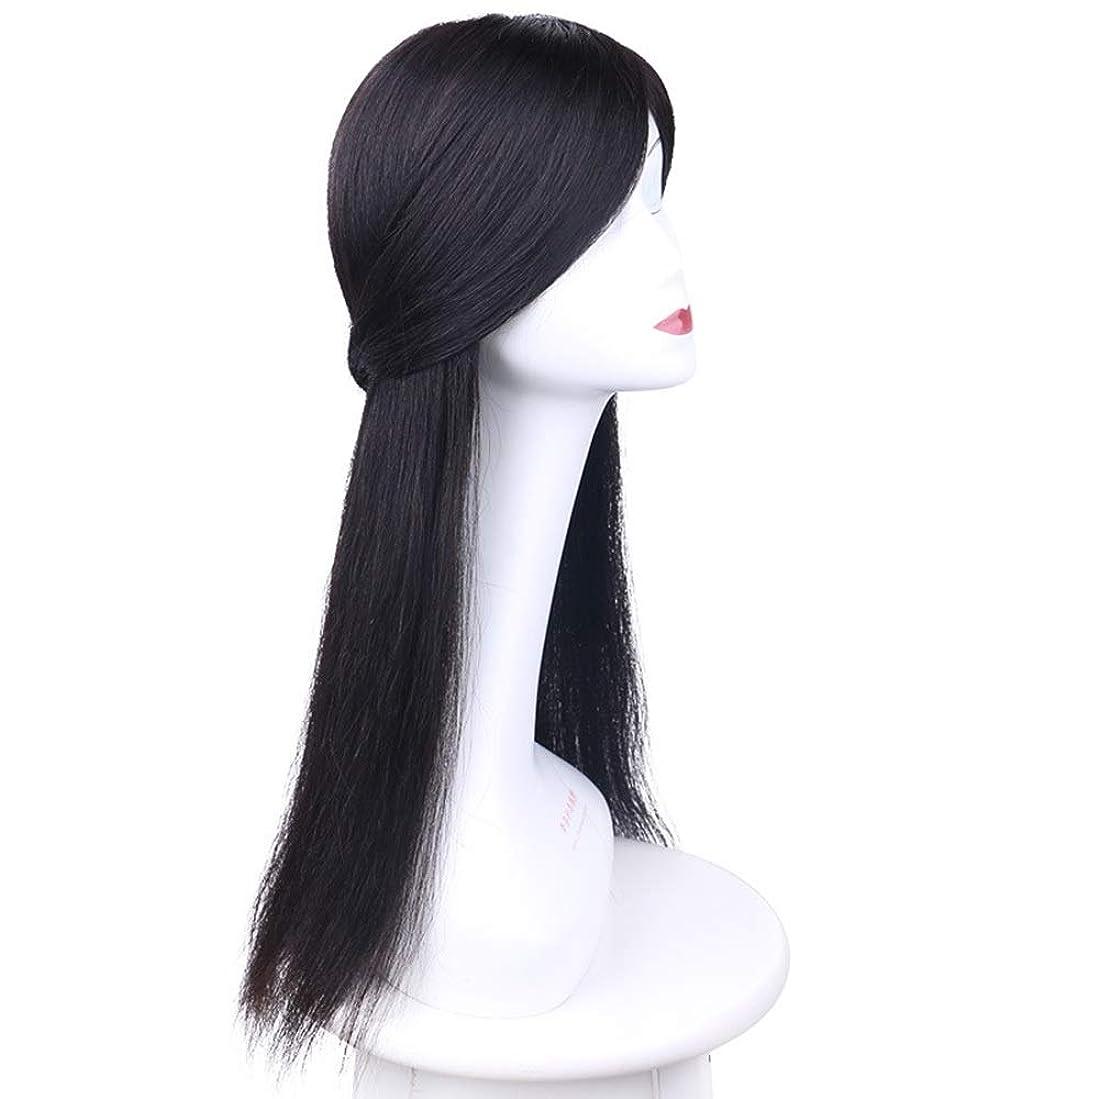 うそつき口述するぐるぐるBOBIDYEE 目に見えない手織りのリアルヘアウィッグロングストレートヘアウィッグ女性用ウィッグ (色 : Natural black, サイズ : (hand woven) 50cm)